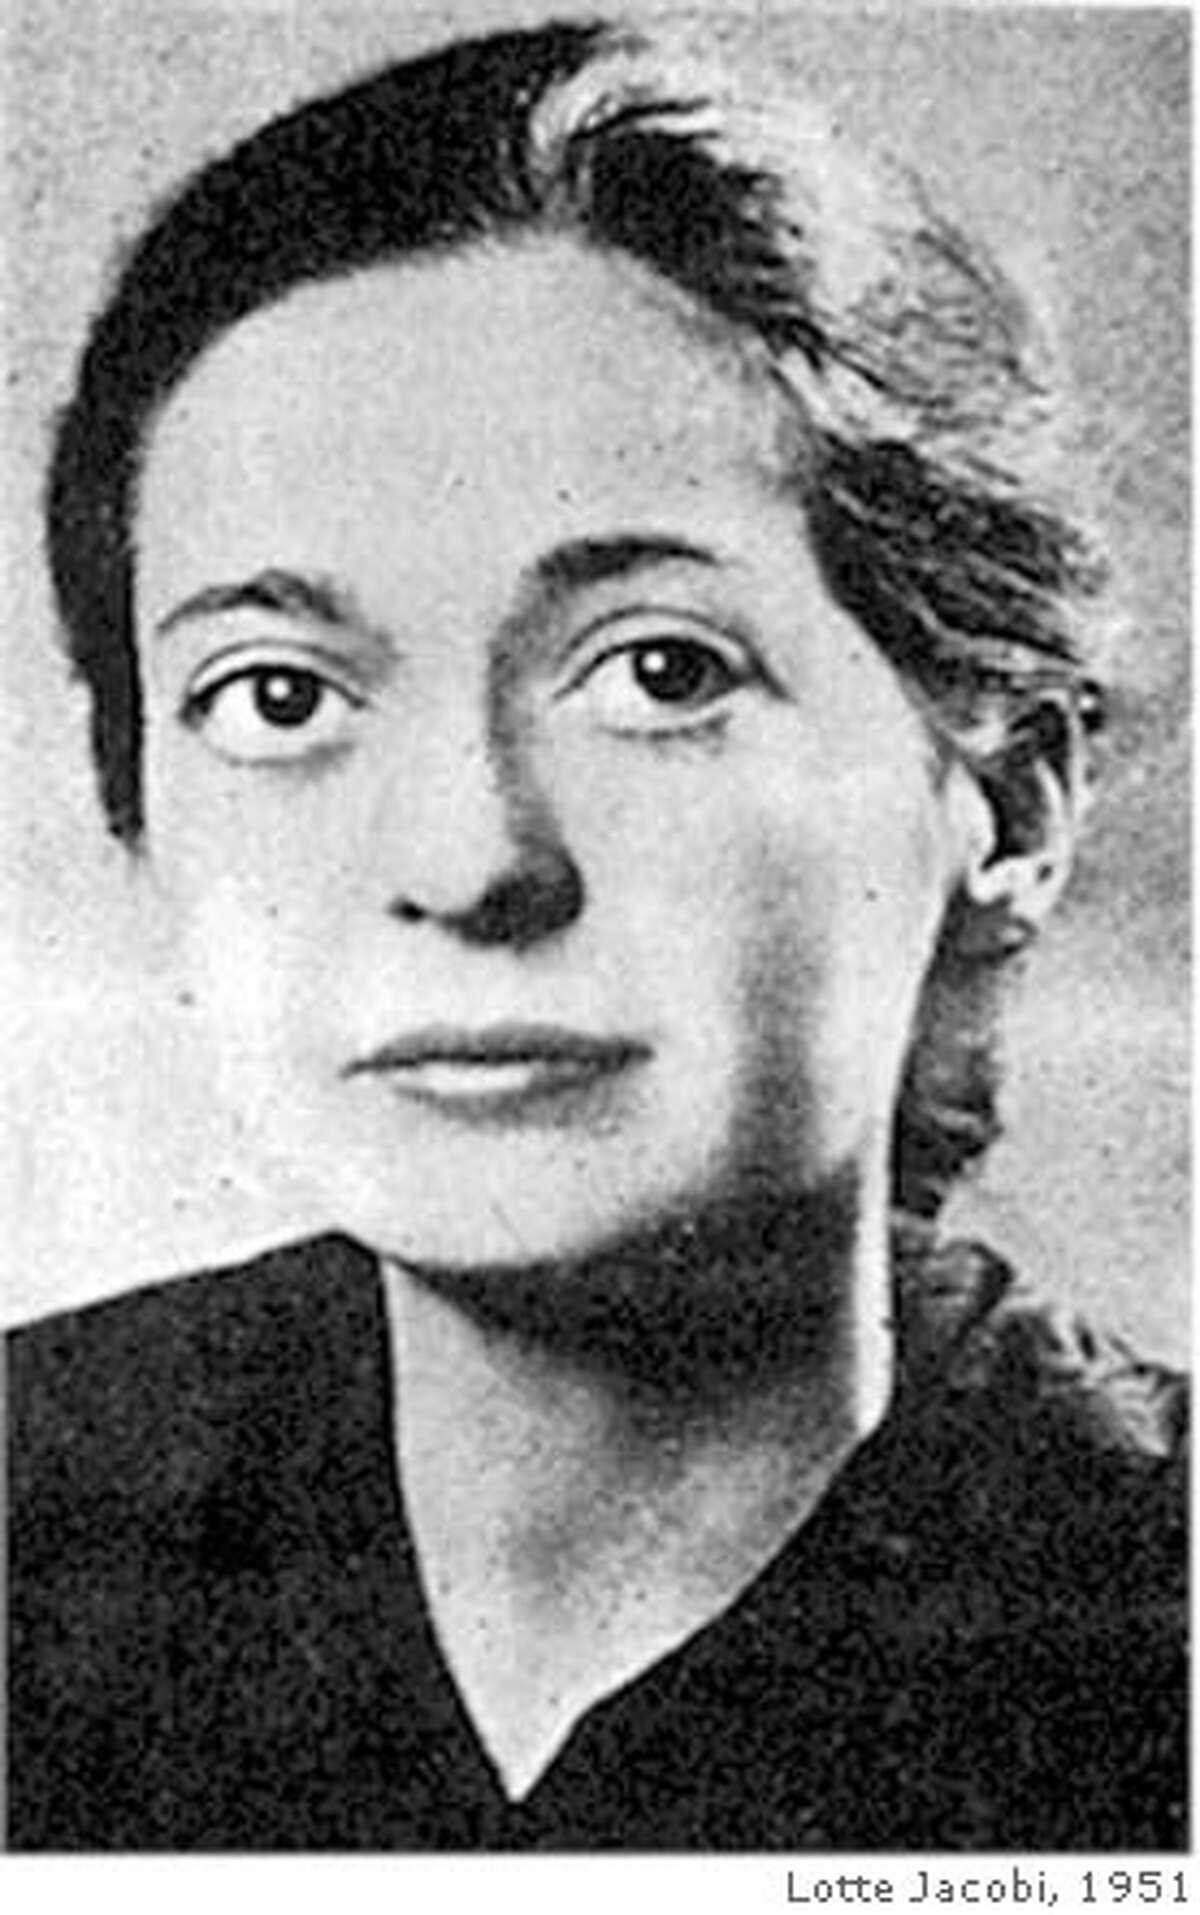 Joy Davidman photo by Lotte Jacobi, 1951